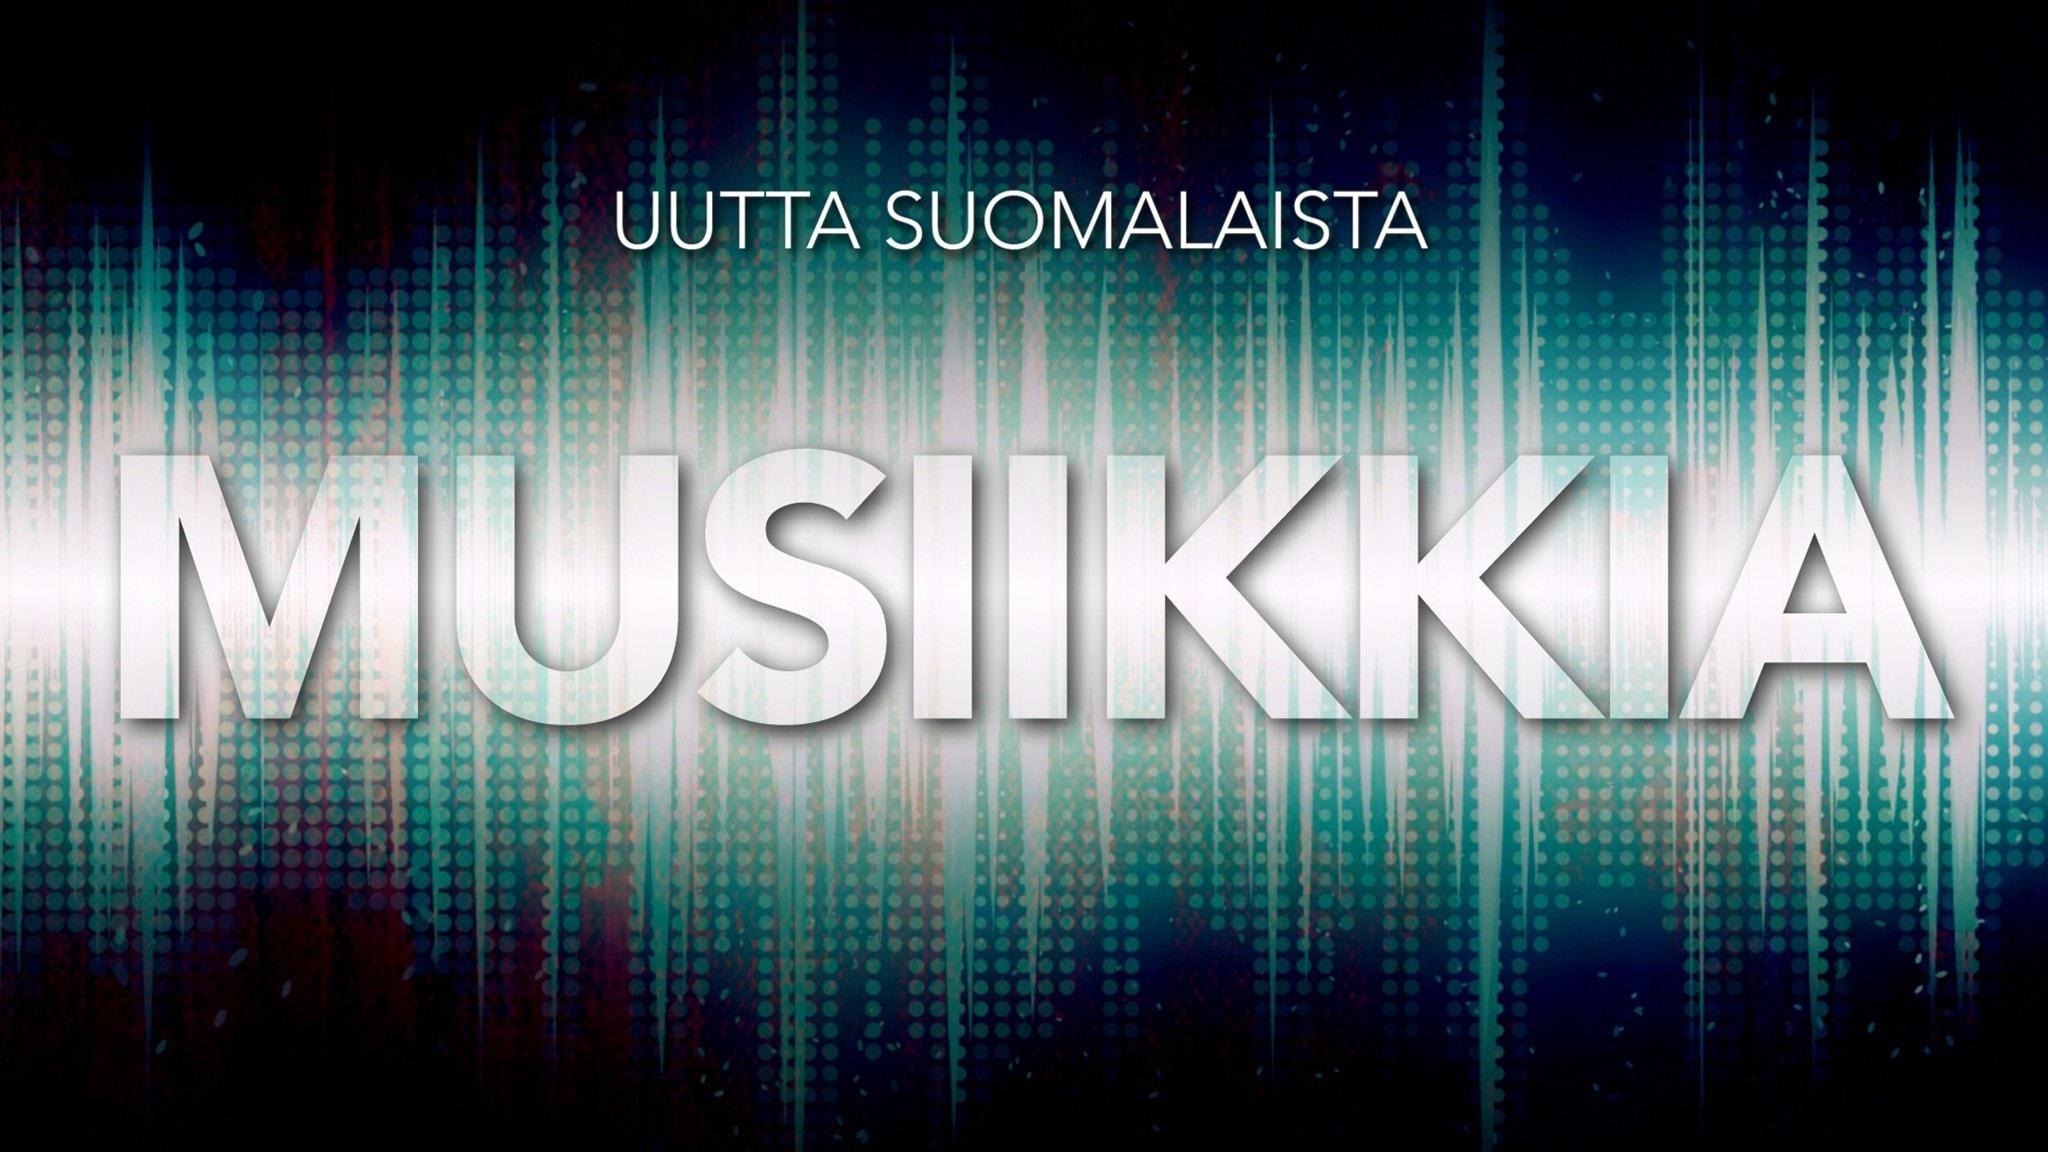 Uutta suomalaista musiikkia & ääniaalto